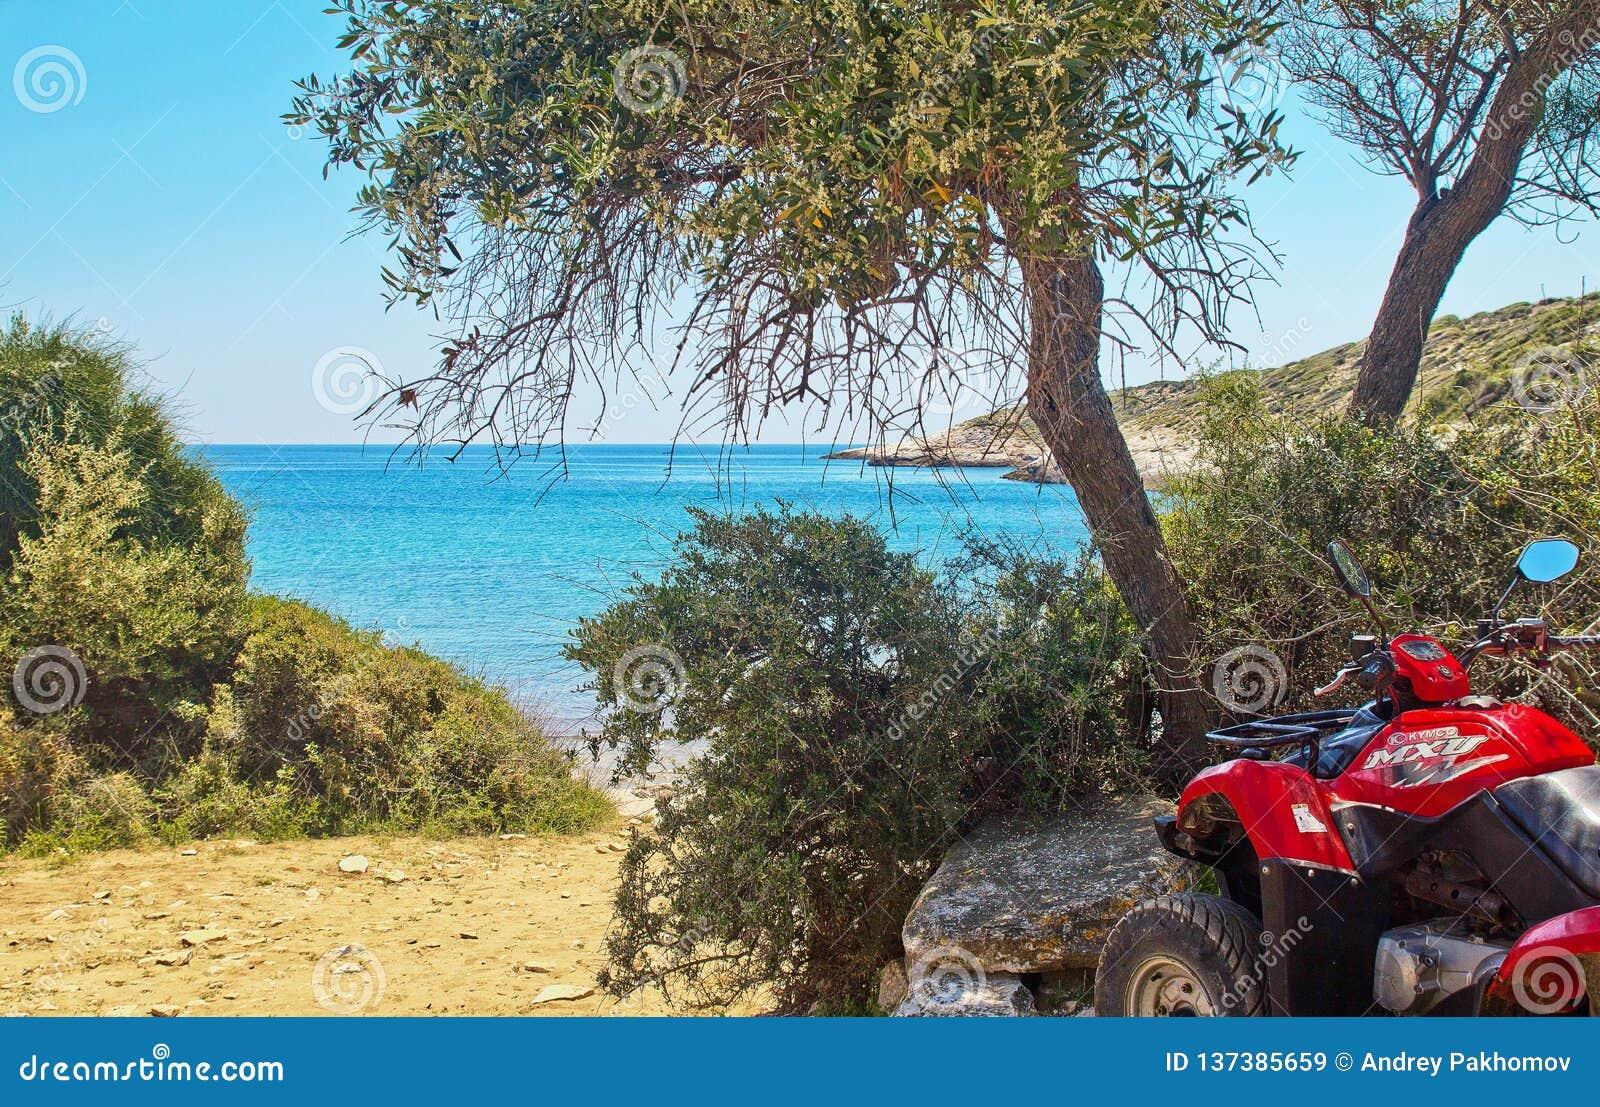 ATV wordt geparkeerd op de kust op het Eiland Thassos, Griekenland mening van het mooie landschap